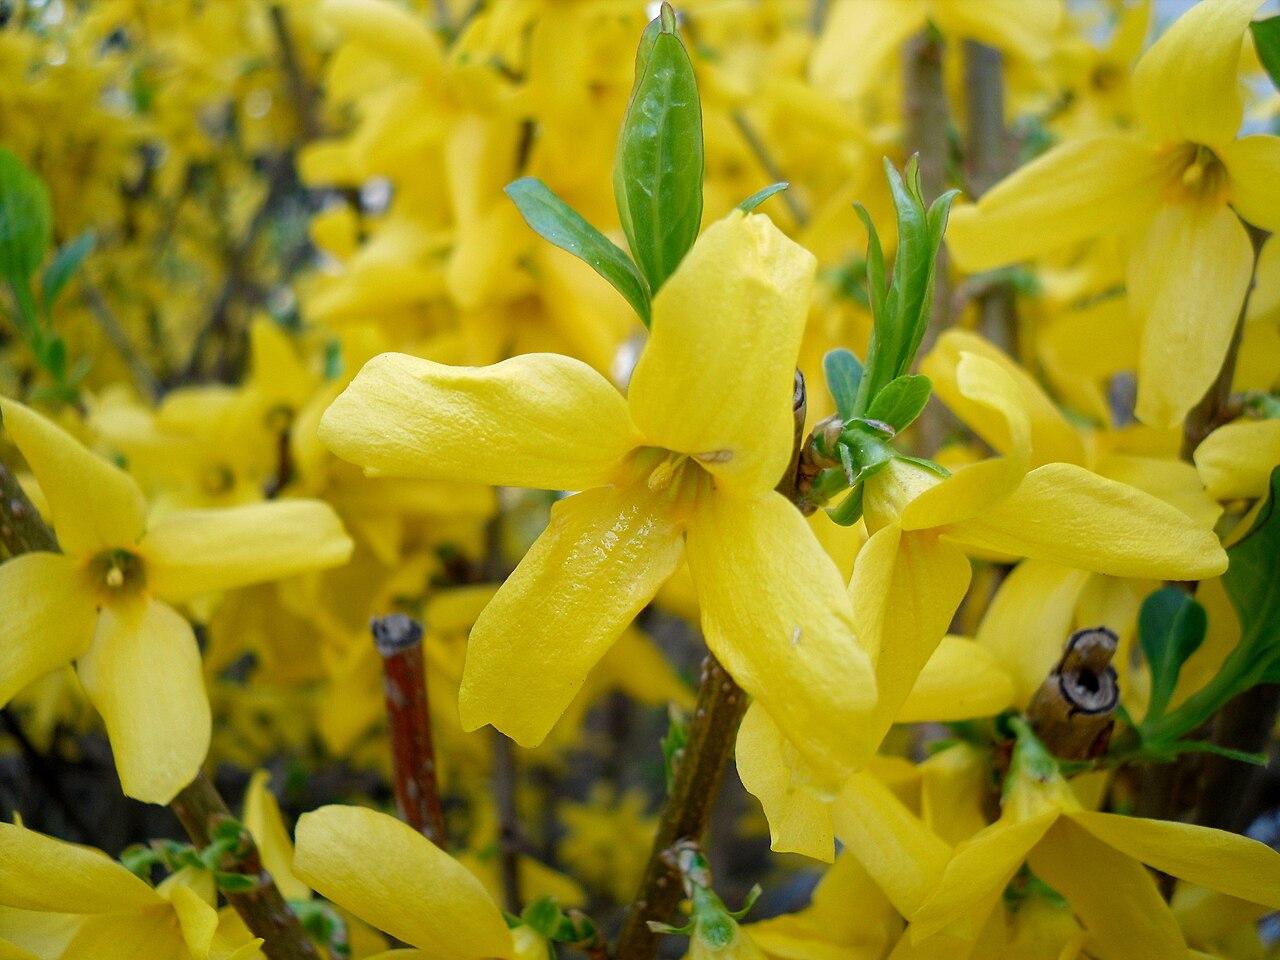 1280px-Forsythia_flower.JPG